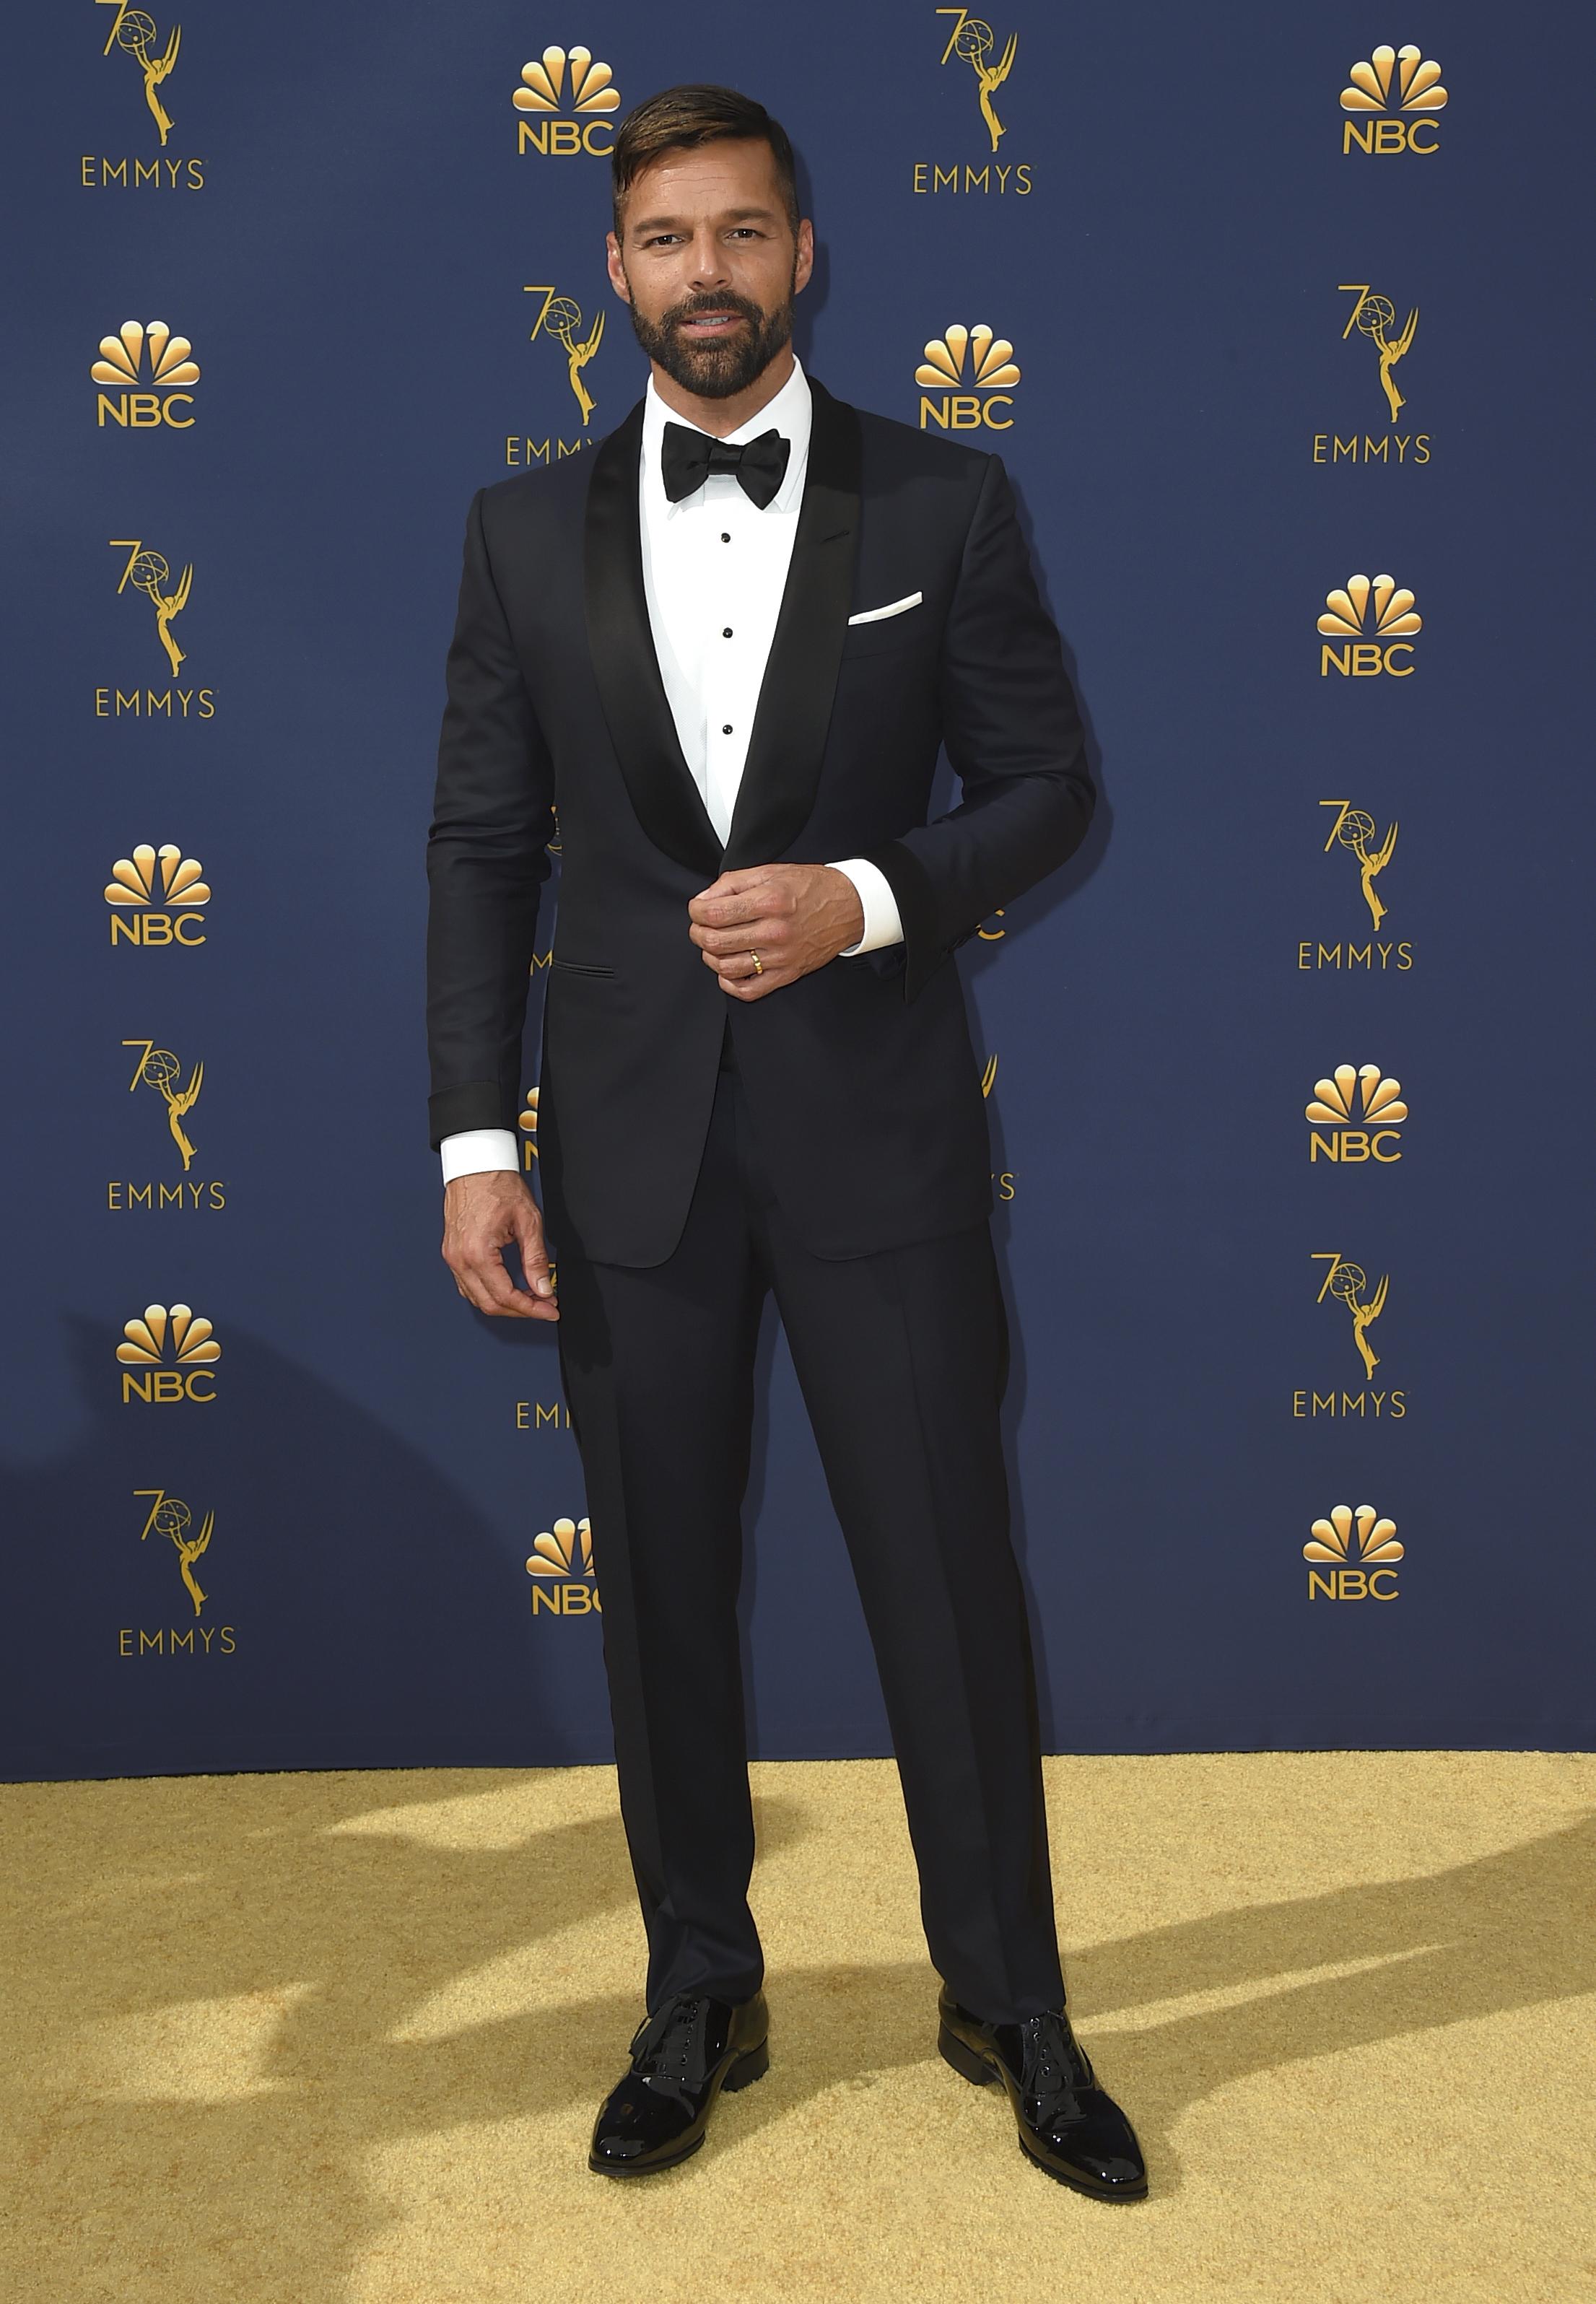 Arrancó suspiros cuando asistió a los premios Emmy de 2018 vistiendo una etiqueta azul marino con solapa negra, camisa blanca y corbata de lazo. (Archivo)